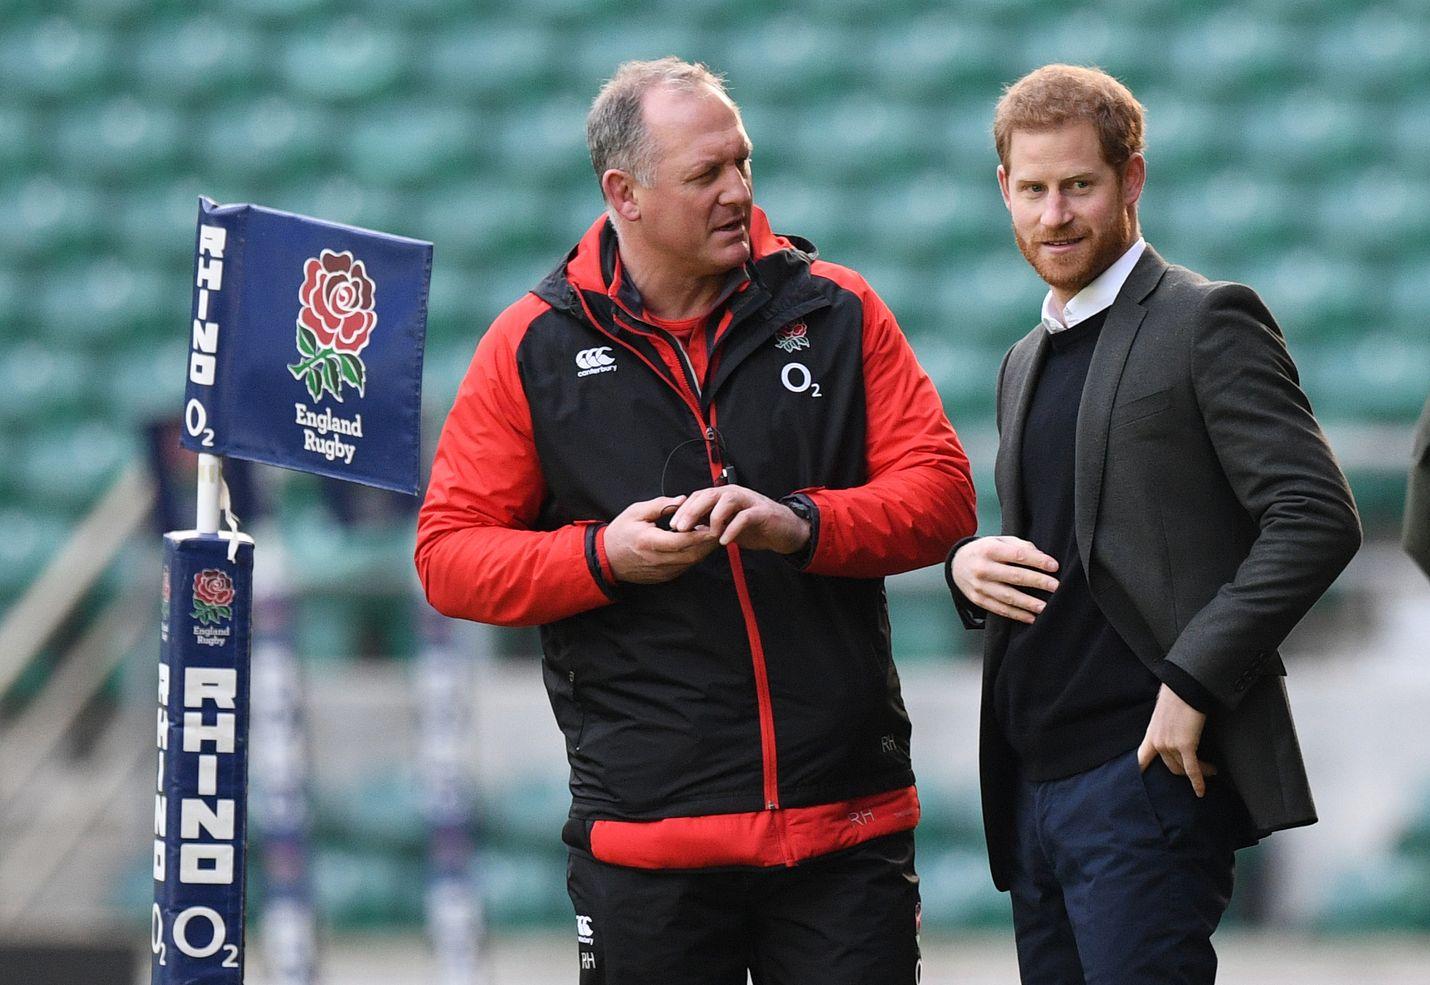 Prinssi Harry seurasi Englannin rugbyjoukkueen harjoituksia Twickenhamin stadionilla Lontoossa helmikuussa 2018.